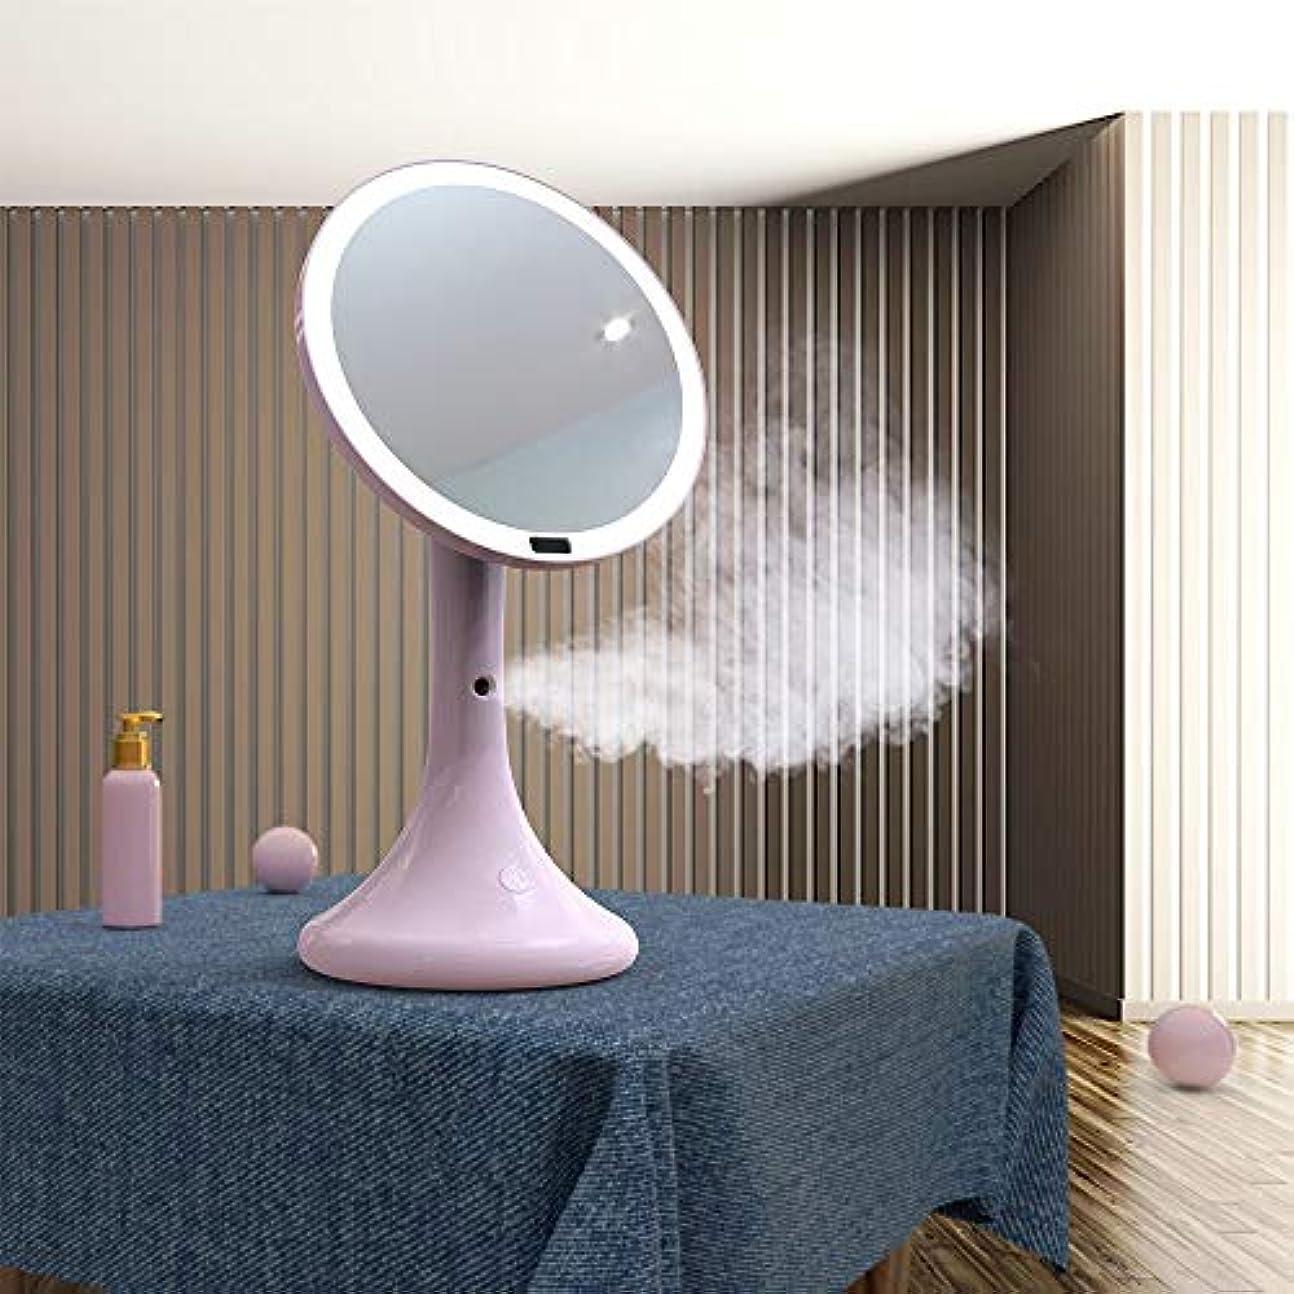 全国安定ポーズ流行の スプレー水和LED化粧鏡インテリジェント人体誘導ランプミラーデスクトップ美容ミラー水和ABS素材ピンクセクションブルーセクション (色 : Pink)